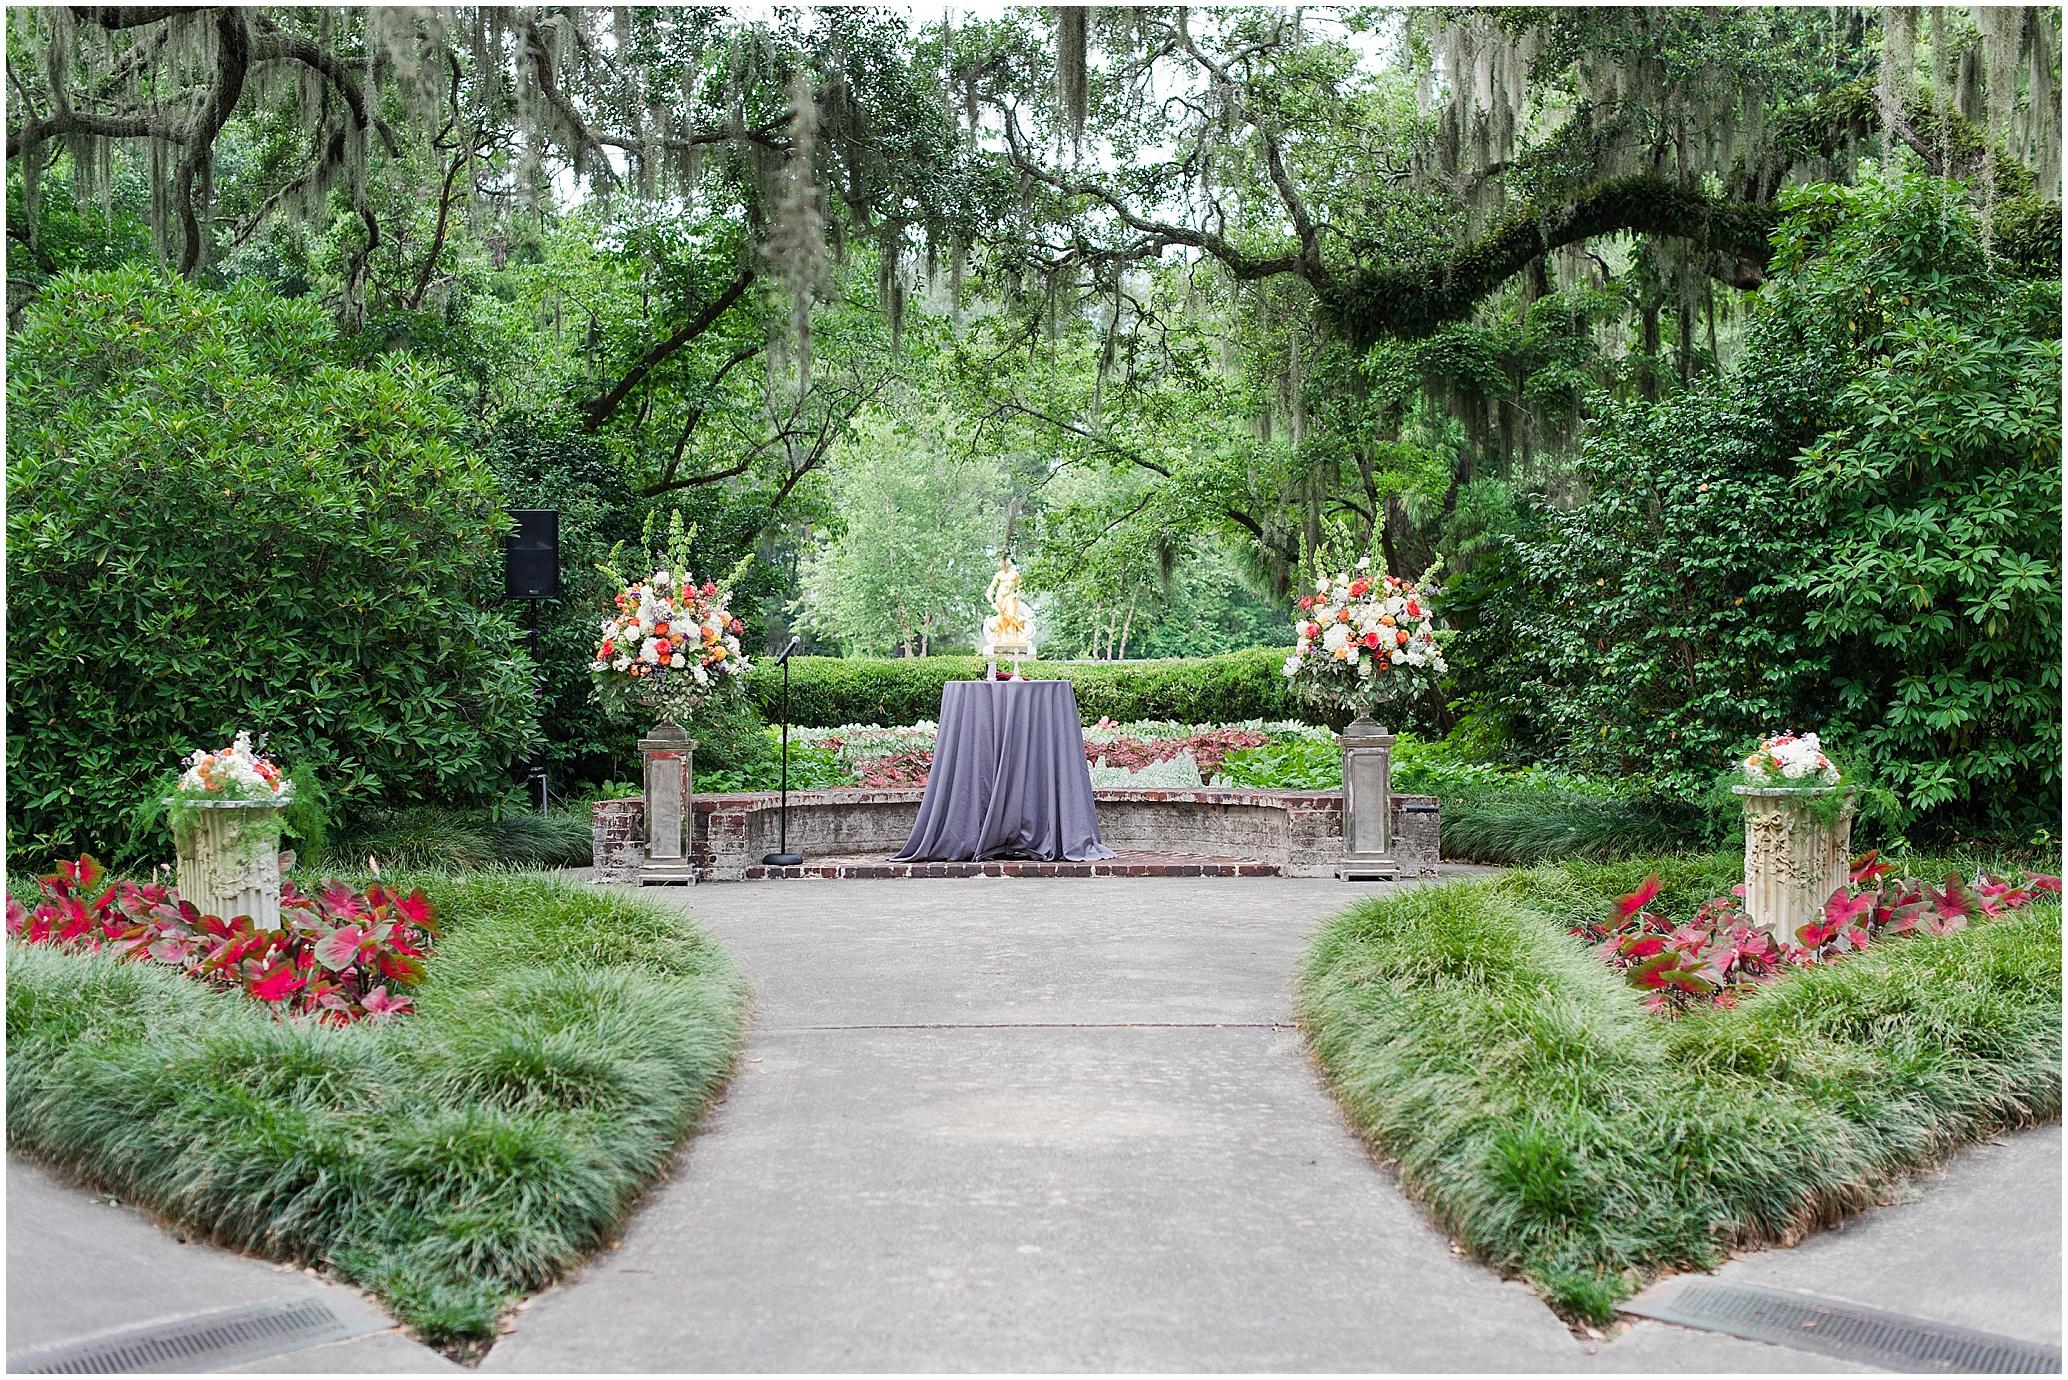 Hannah+Leigh+Photography+Brookgreen+Gardens+Destination+Wedding 0569 - How Much Does A Wedding At Brookgreen Gardens Cost